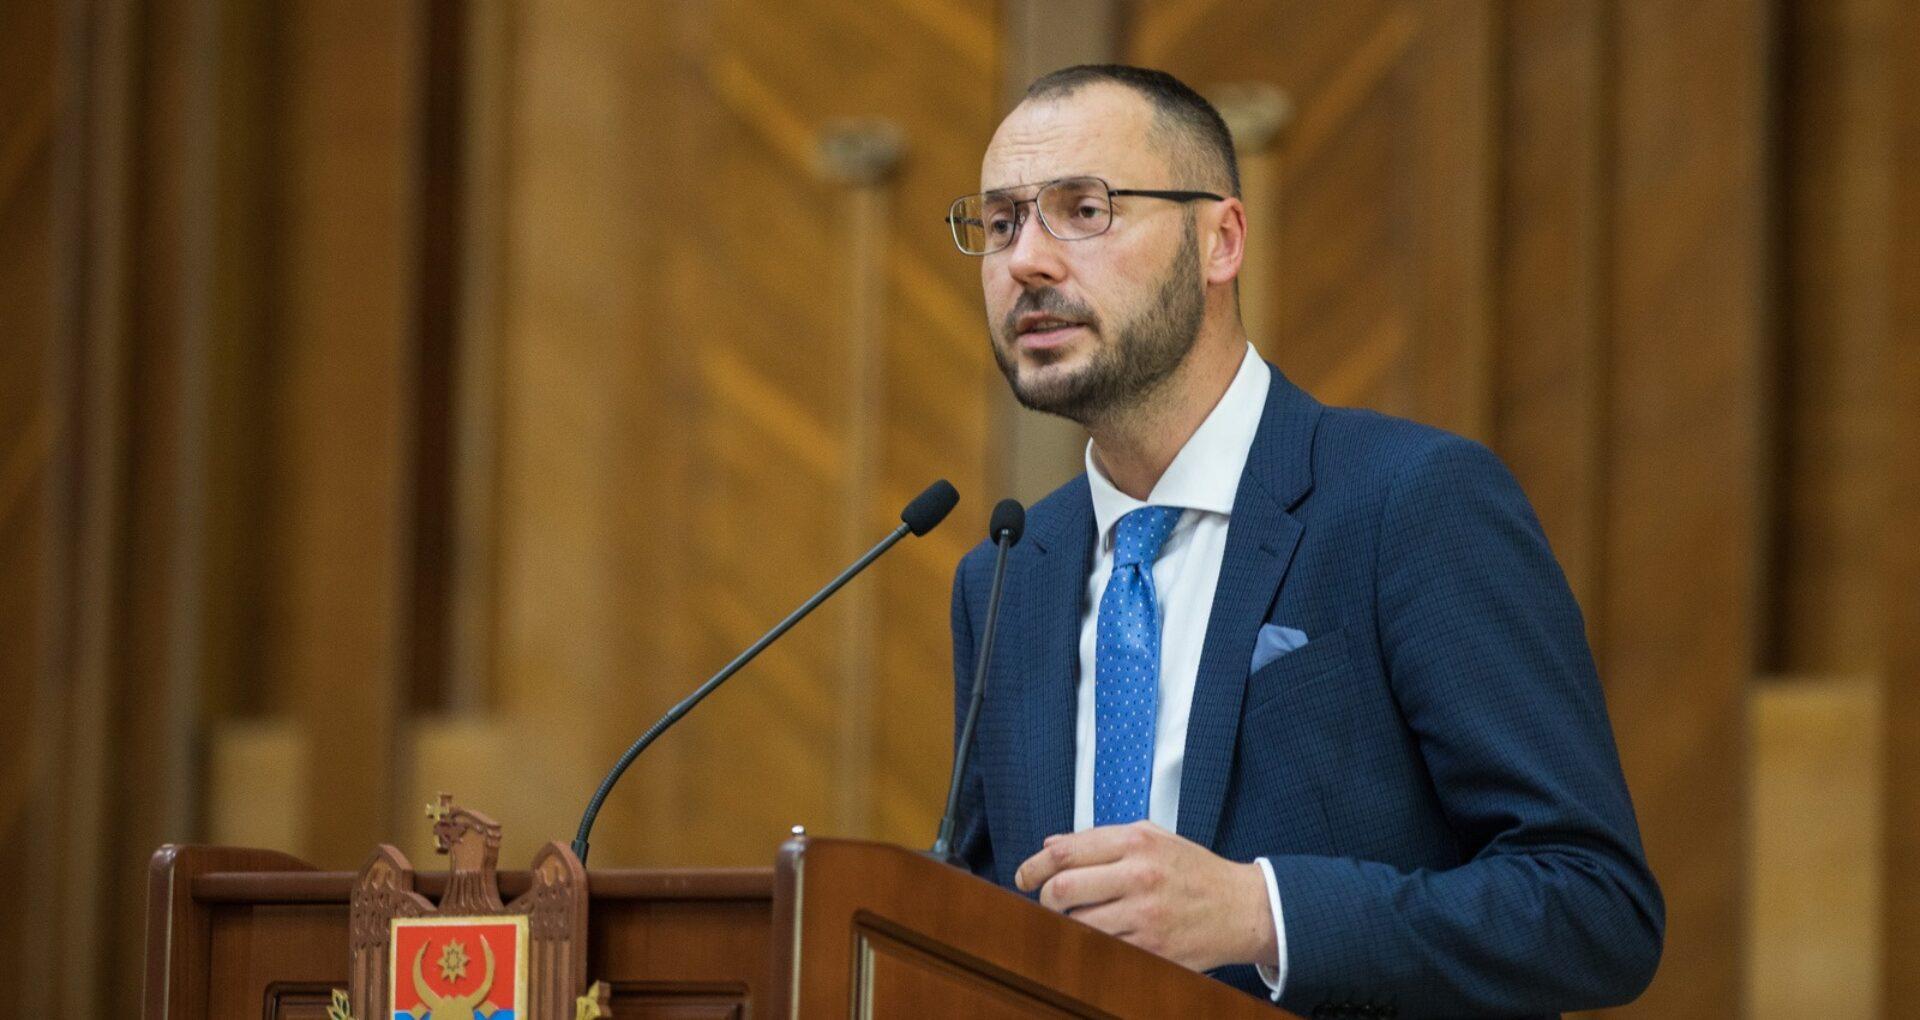 Deputat, despre demisia judecătorului Anatolie Pahopol din funcția de președintele interimar al CSM: I-a stricat planurile lui Dodon